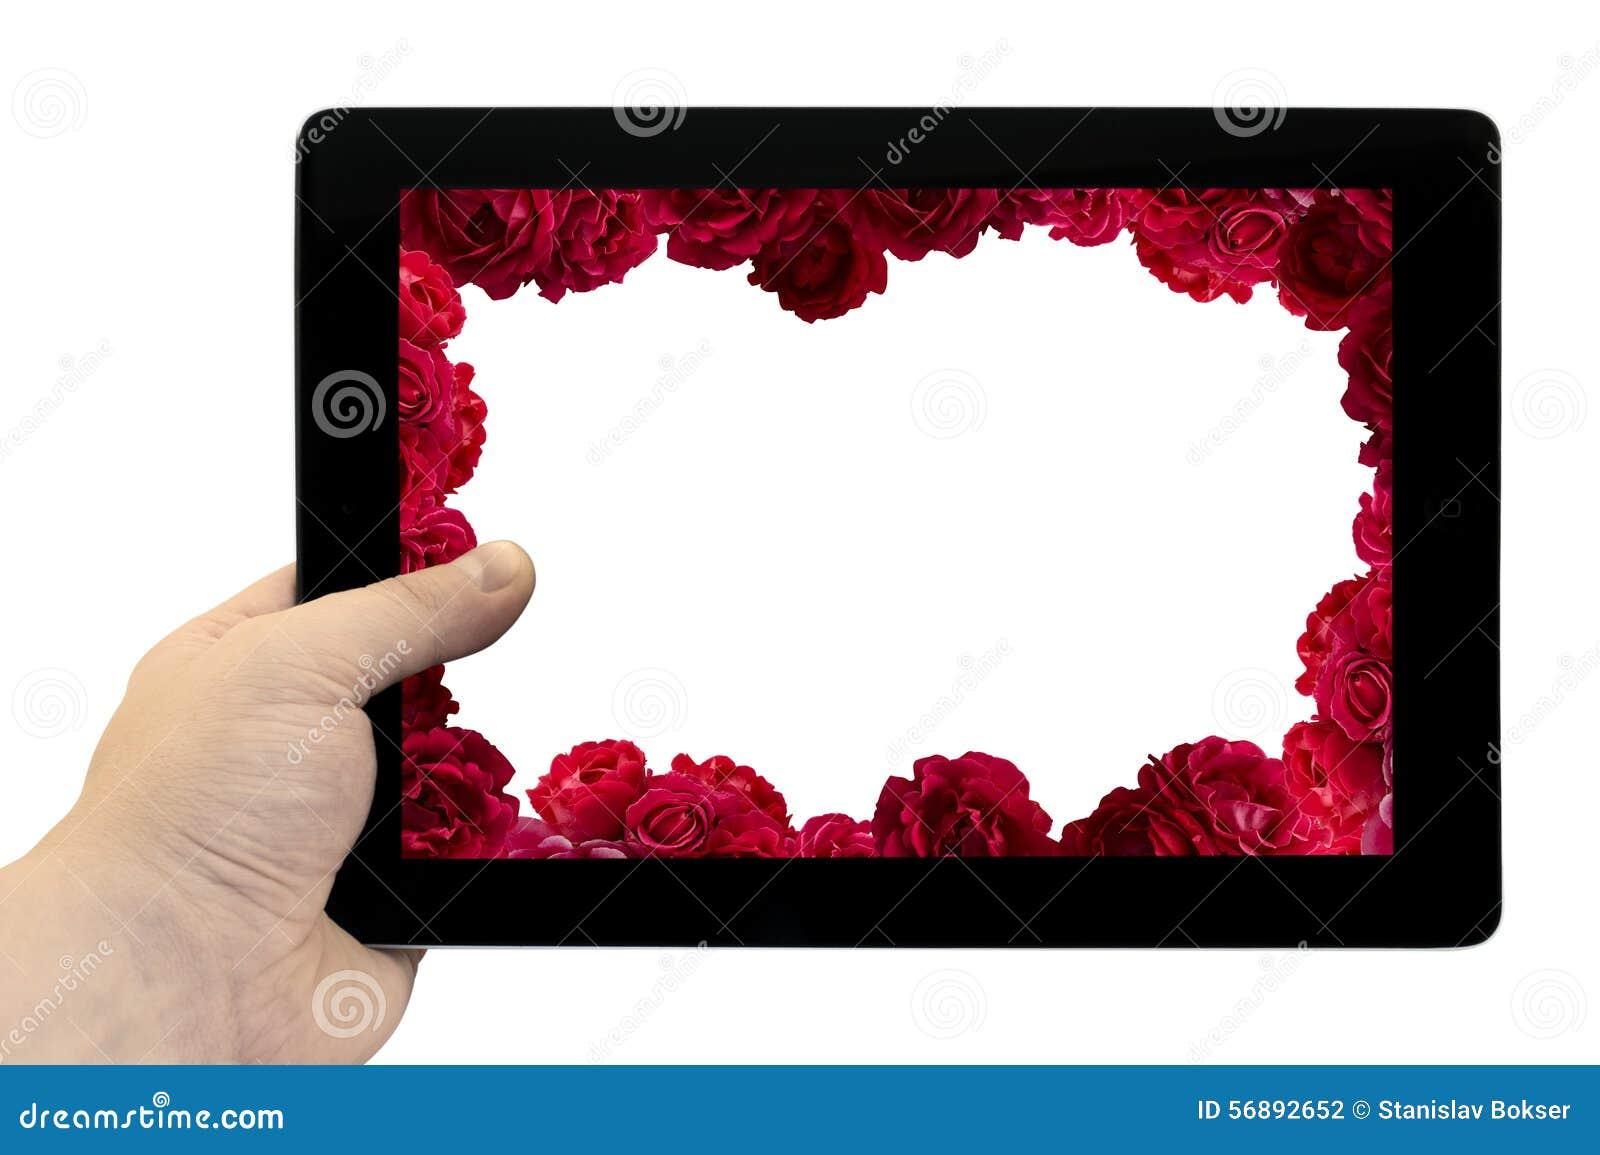 Riduca in pani il PC a disposizione con la struttura con il cespuglio del fondo dei fiori della rosa rossa sullo schermo isolato